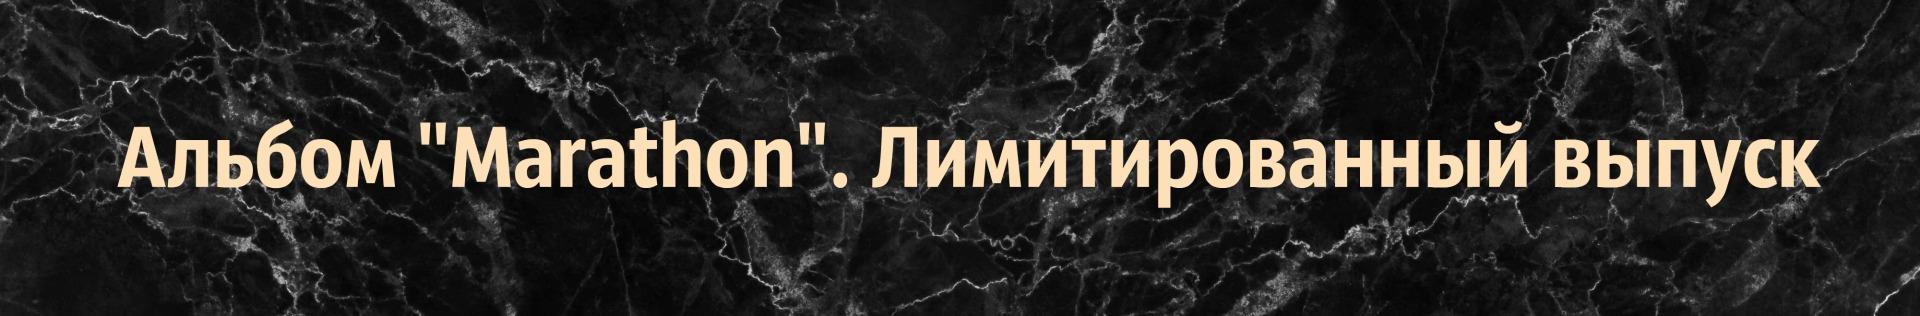 """Альбом """"Marathon"""" Лимитированный выпуск"""